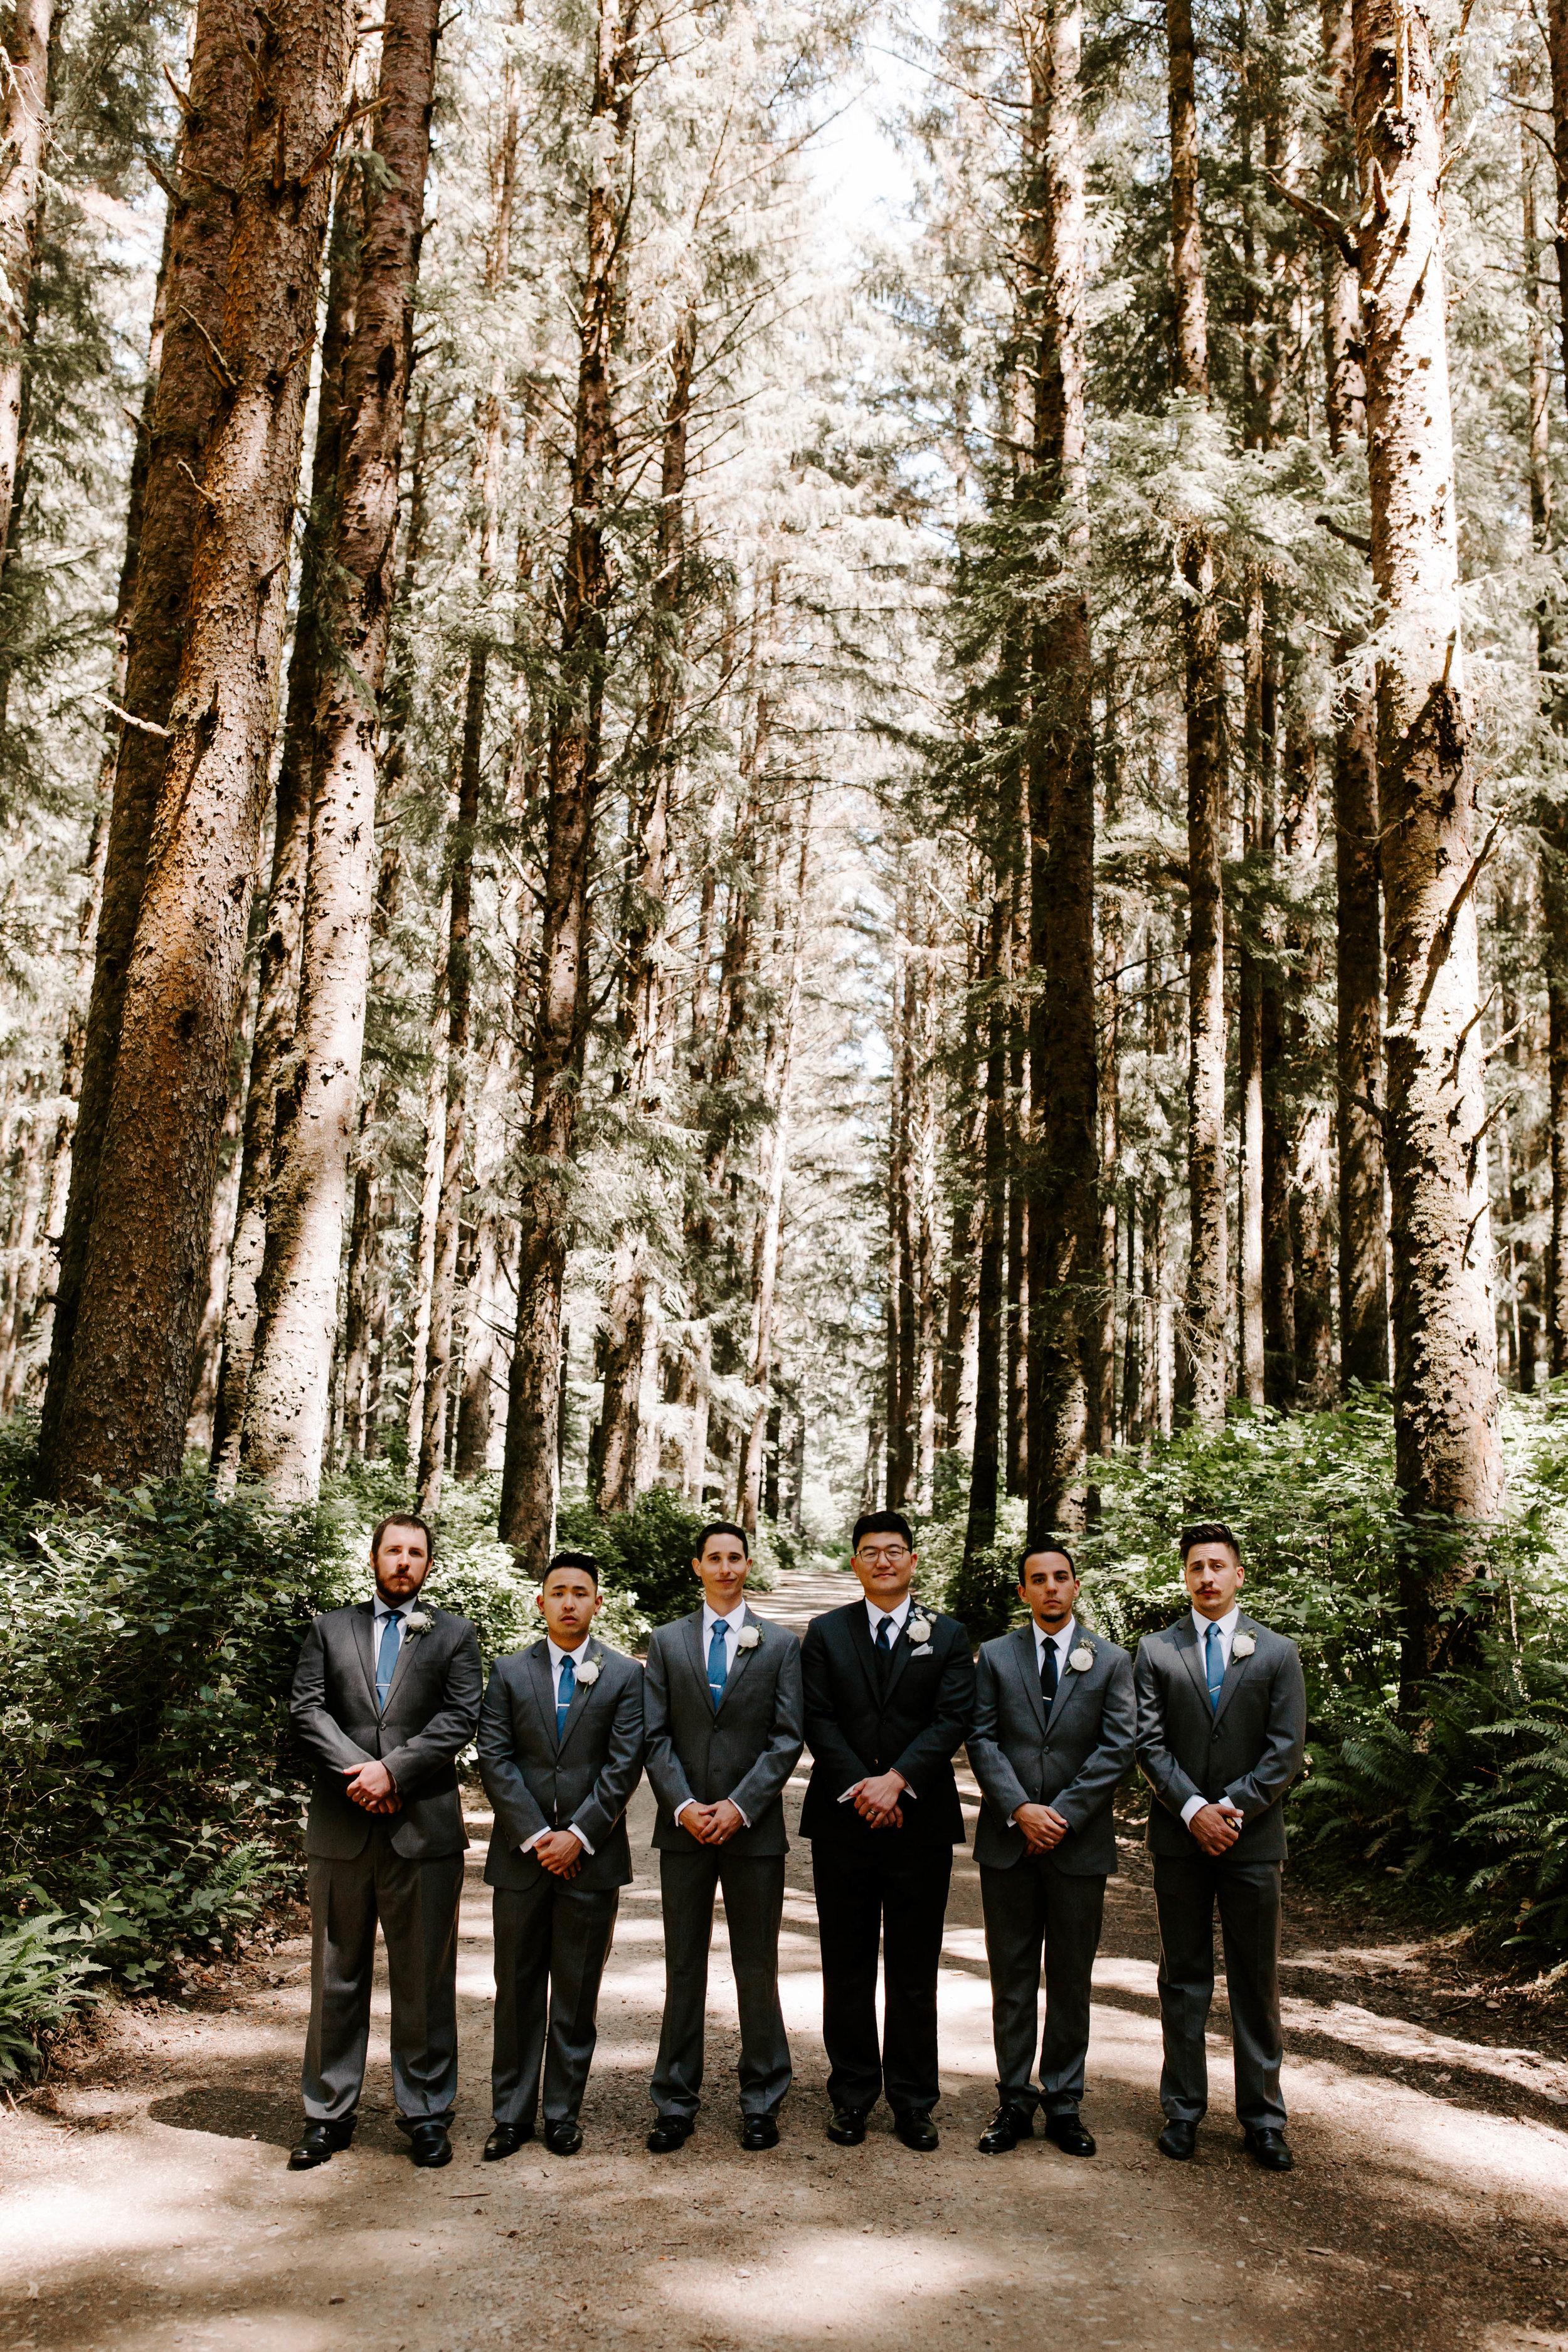 Oregon Wedding Photographer | Groomsmen Style | Rustic Bloom Photography